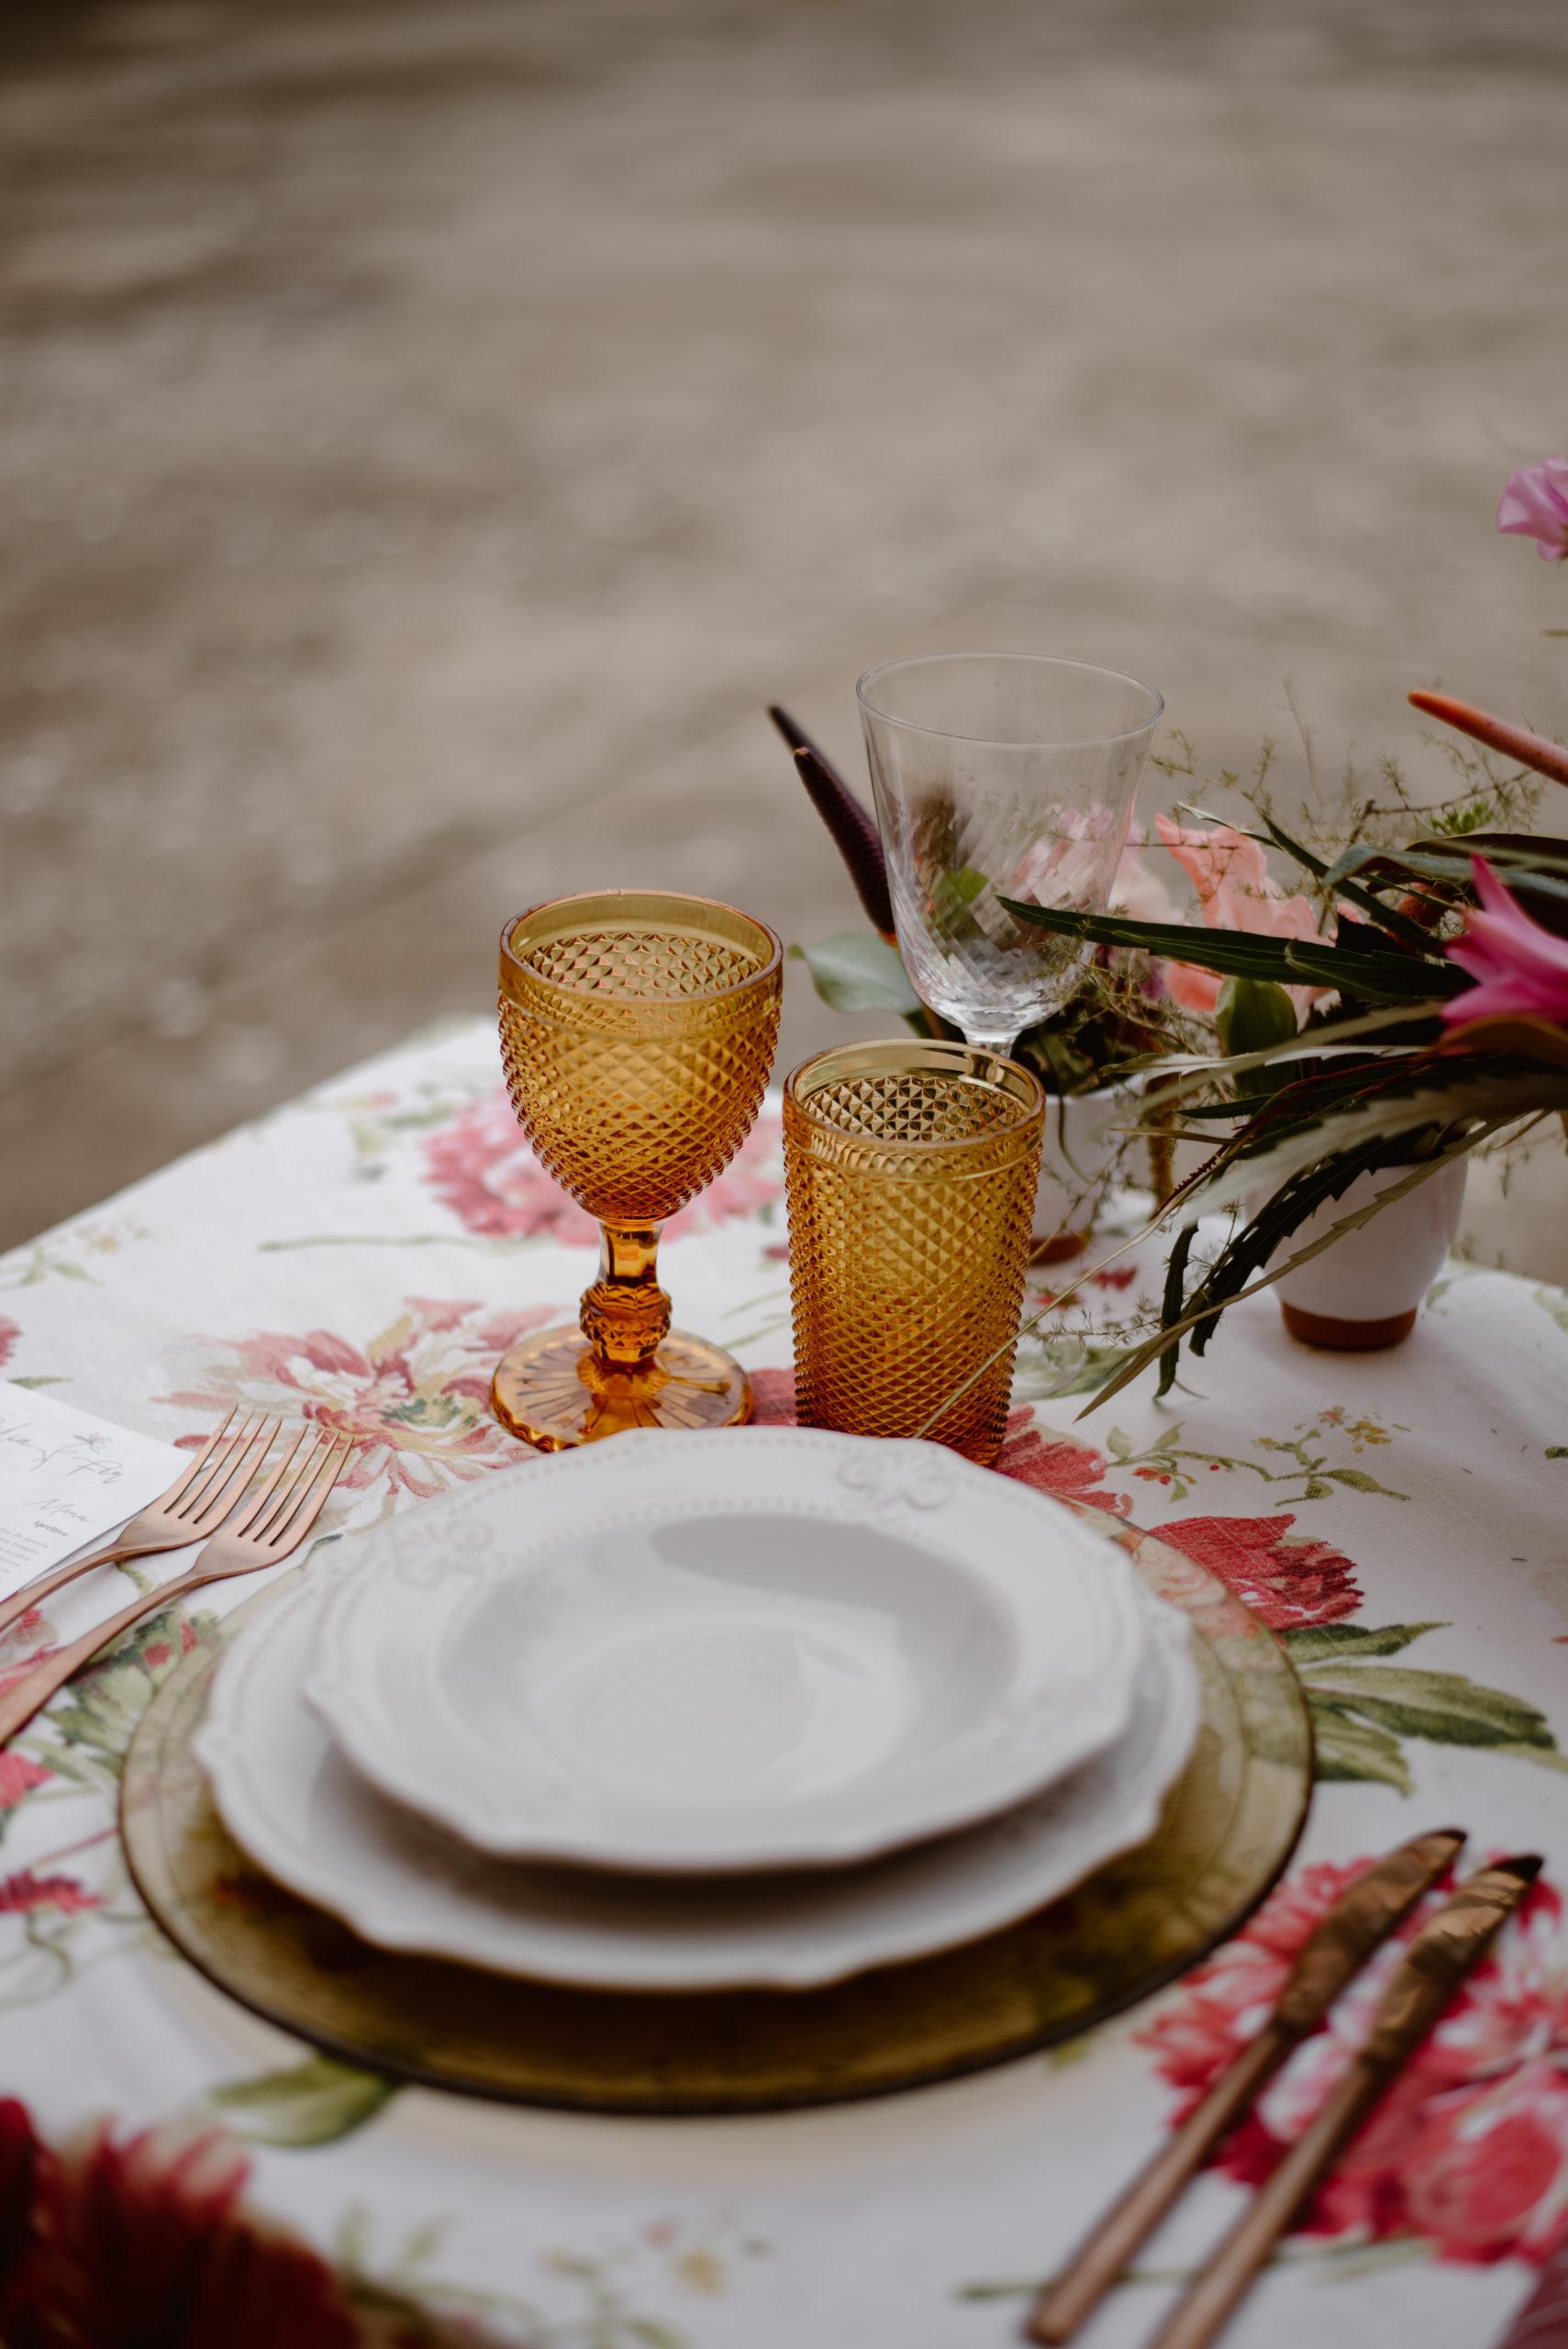 Bajoplato, plato, copa, vaso, cubiertos y mantel en alquiler para bodas